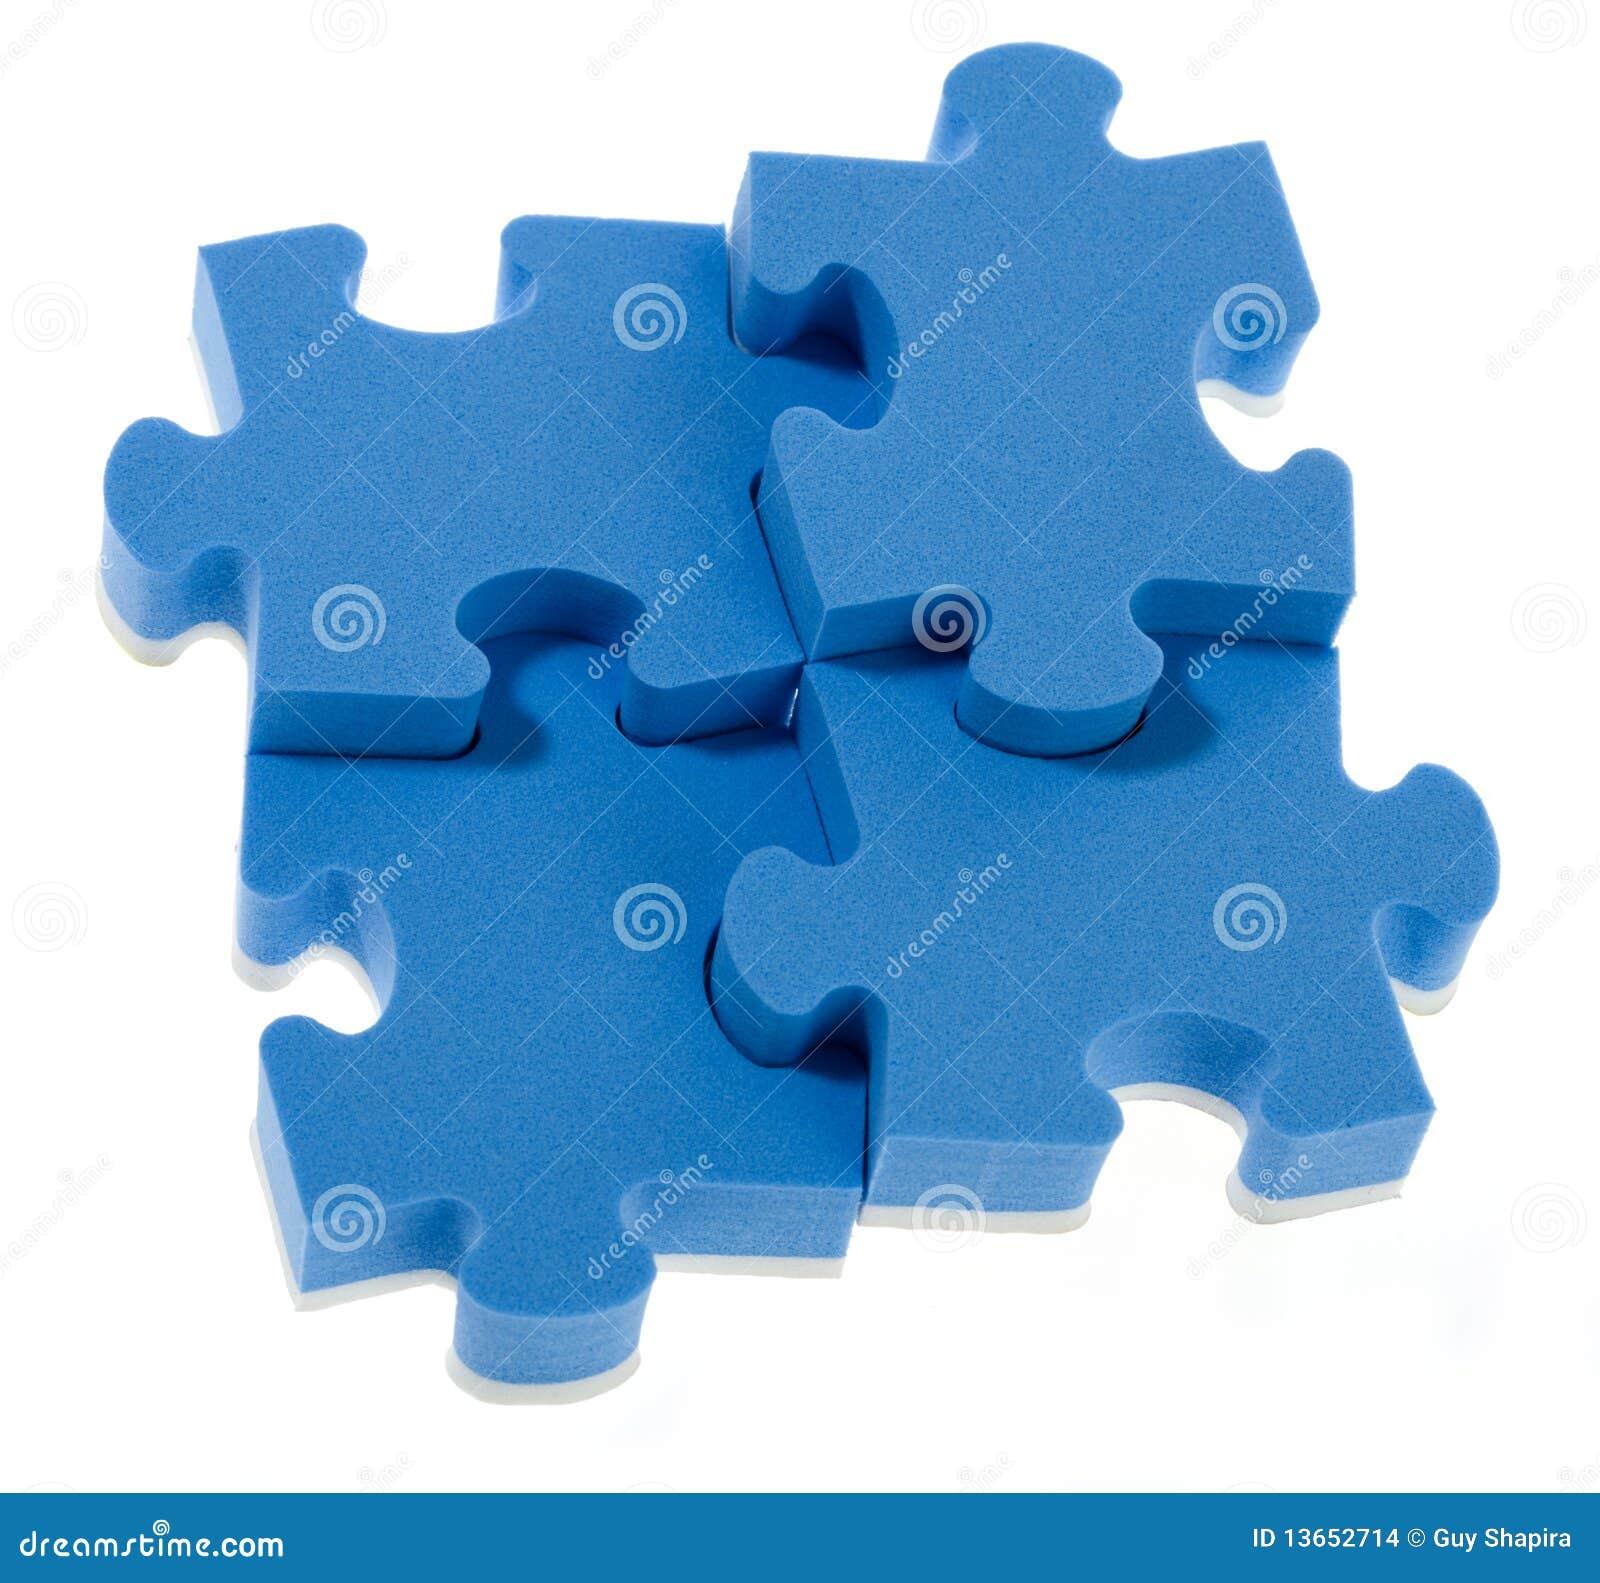 3D blue puzzle